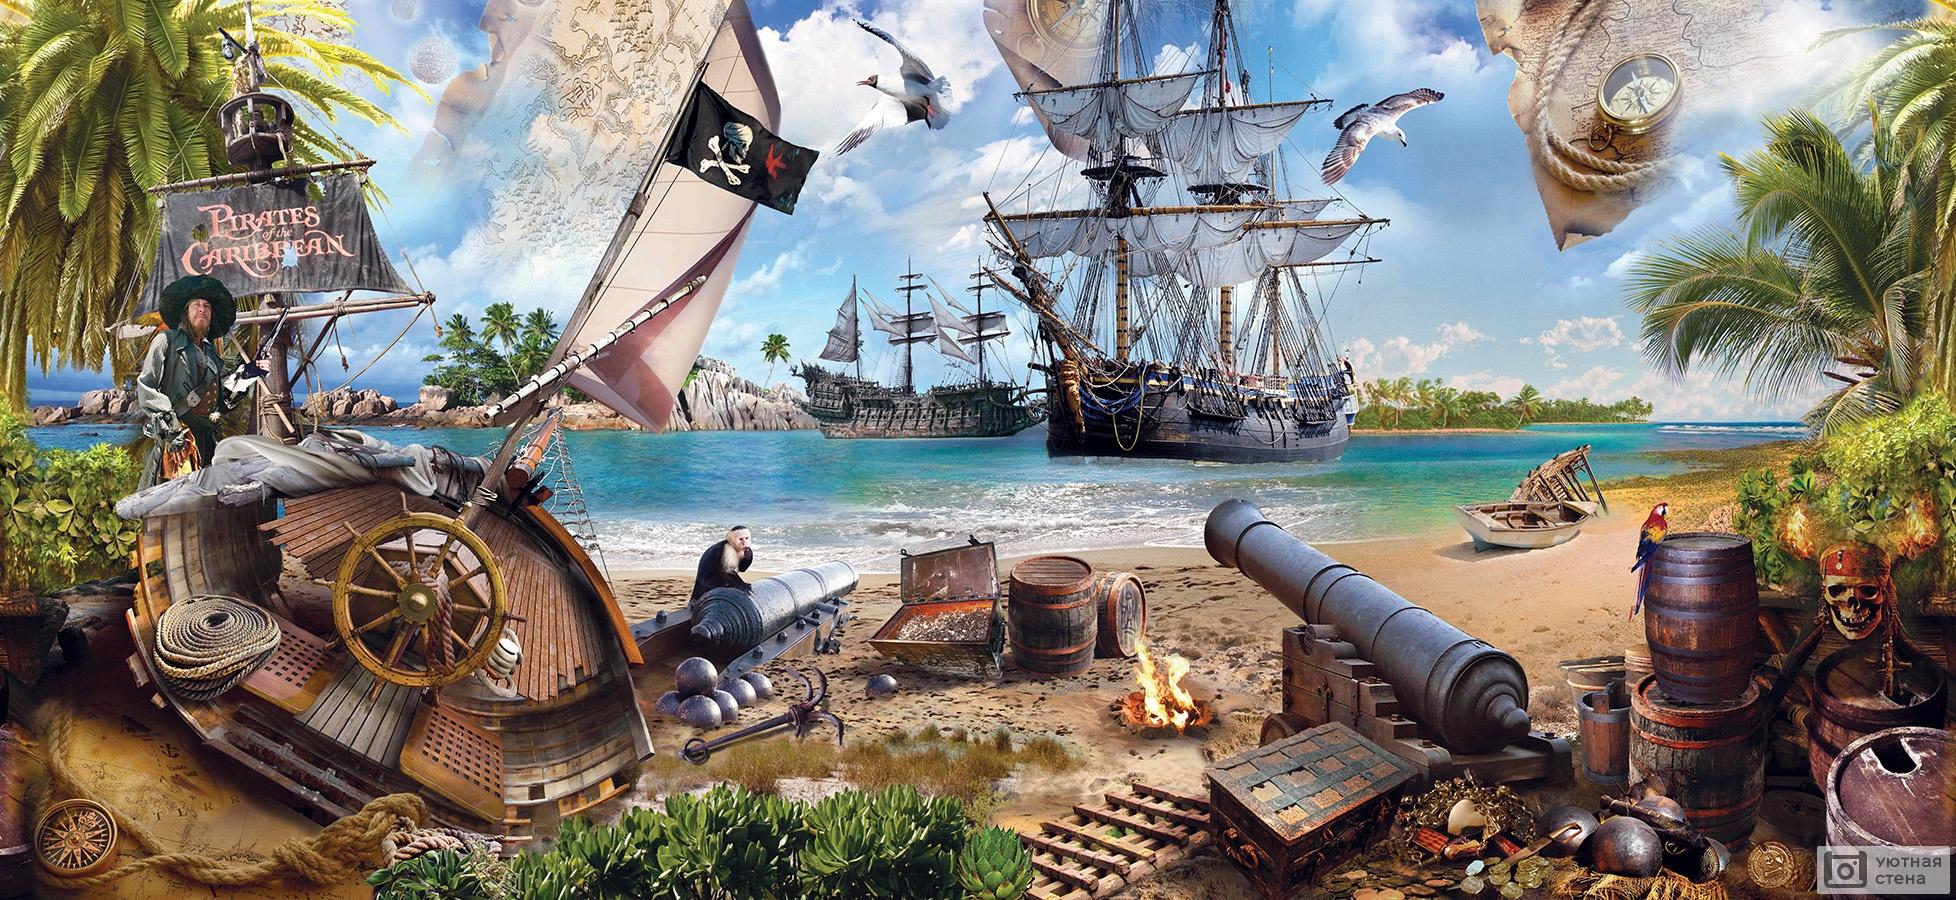 Картинки пиратской тематики для детей, открытки